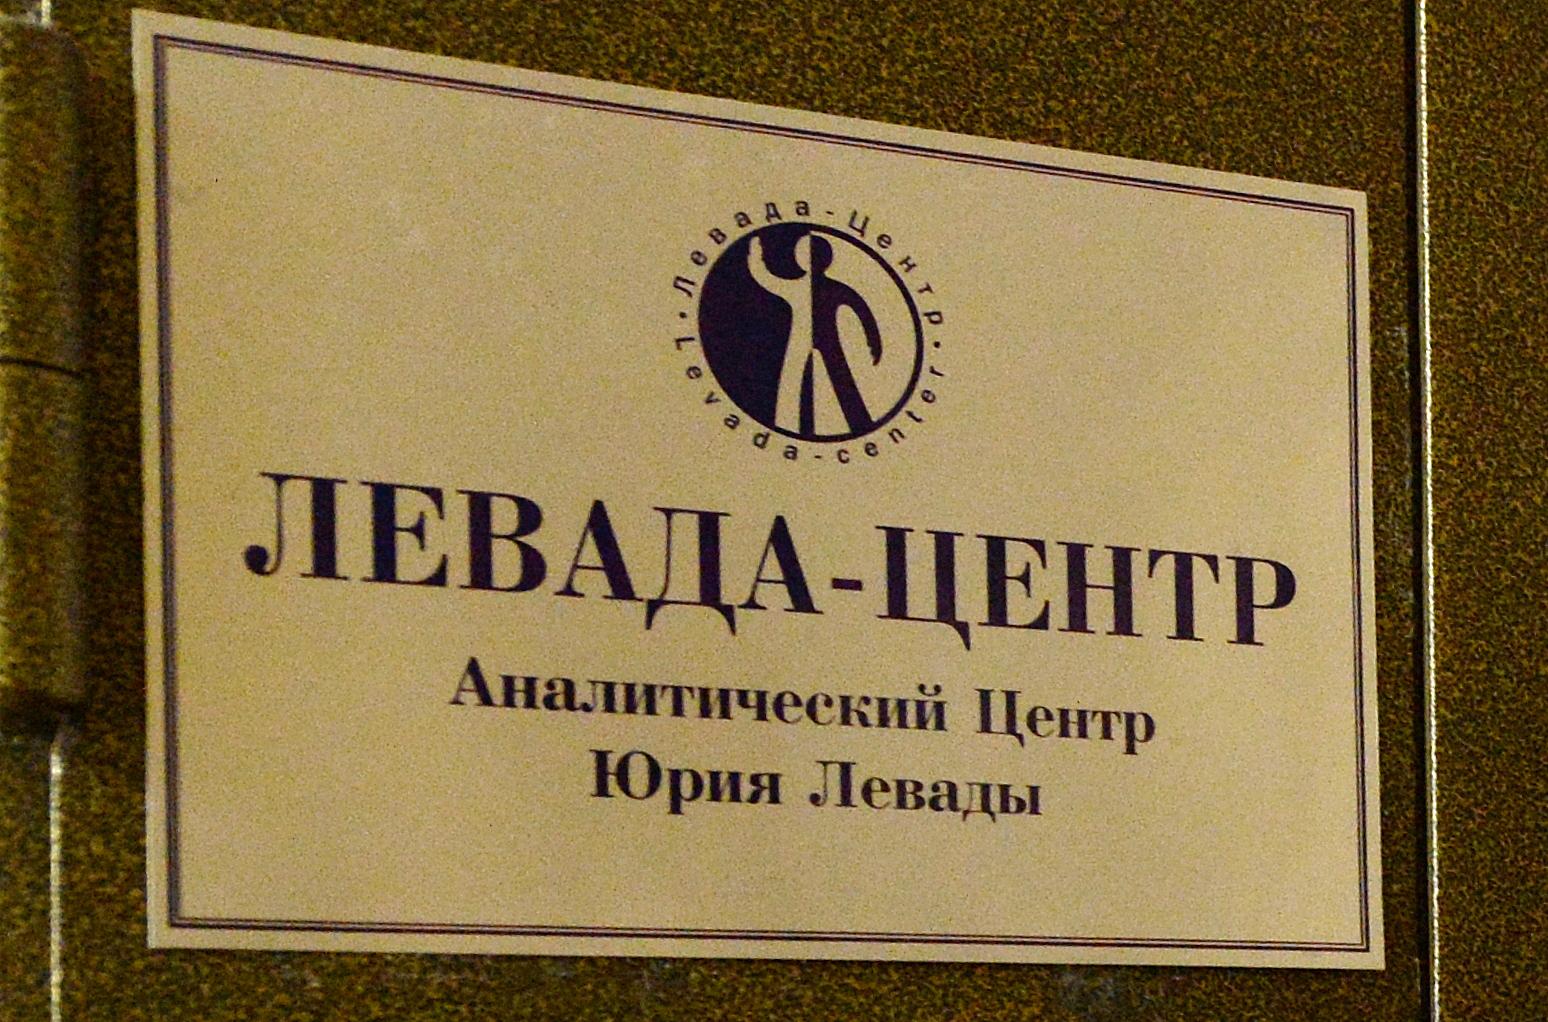 Левада-центр: пора привыкать к санкциям?